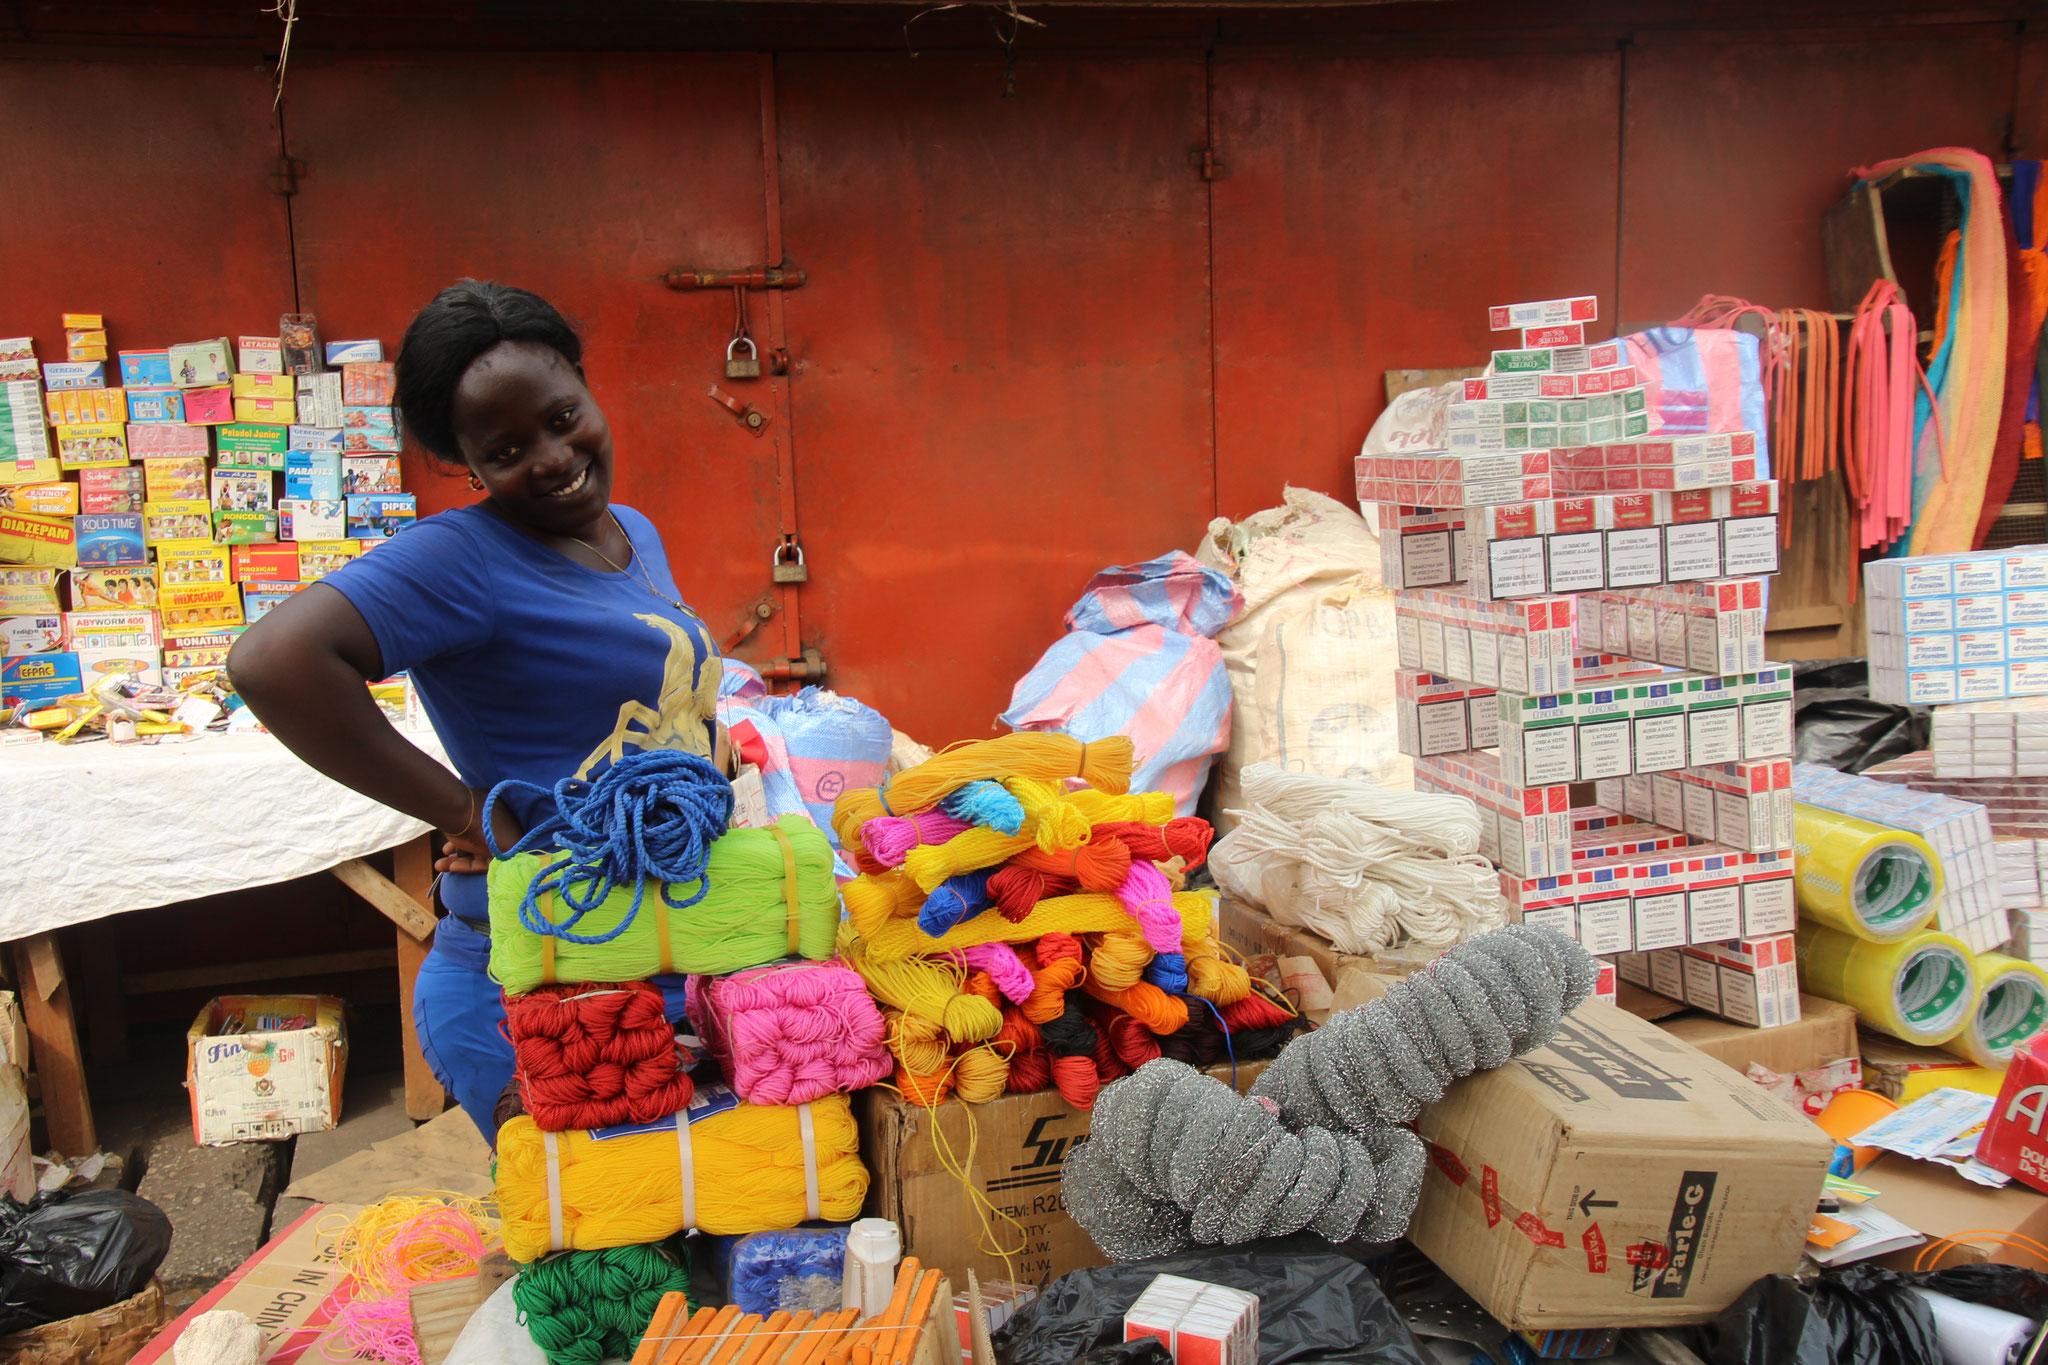 Verkäuferin an einem Marktstand. Sie wollte nicht fotografiert werden. Meinem Charm konnte sie aber nicht widerstehen.